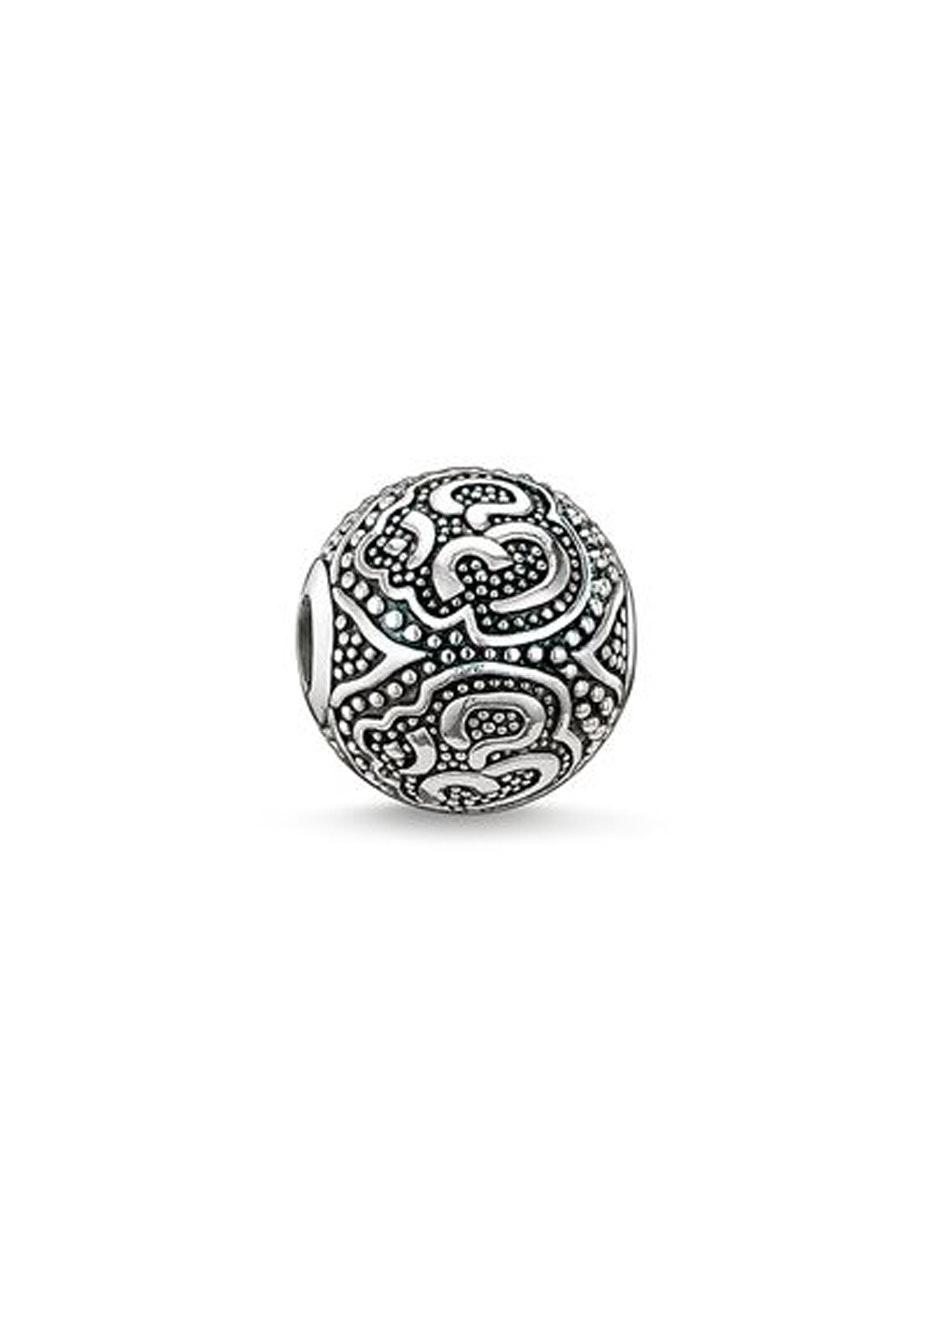 Thomas Sabo  - Karma Bead - Oxidised Om Symbol